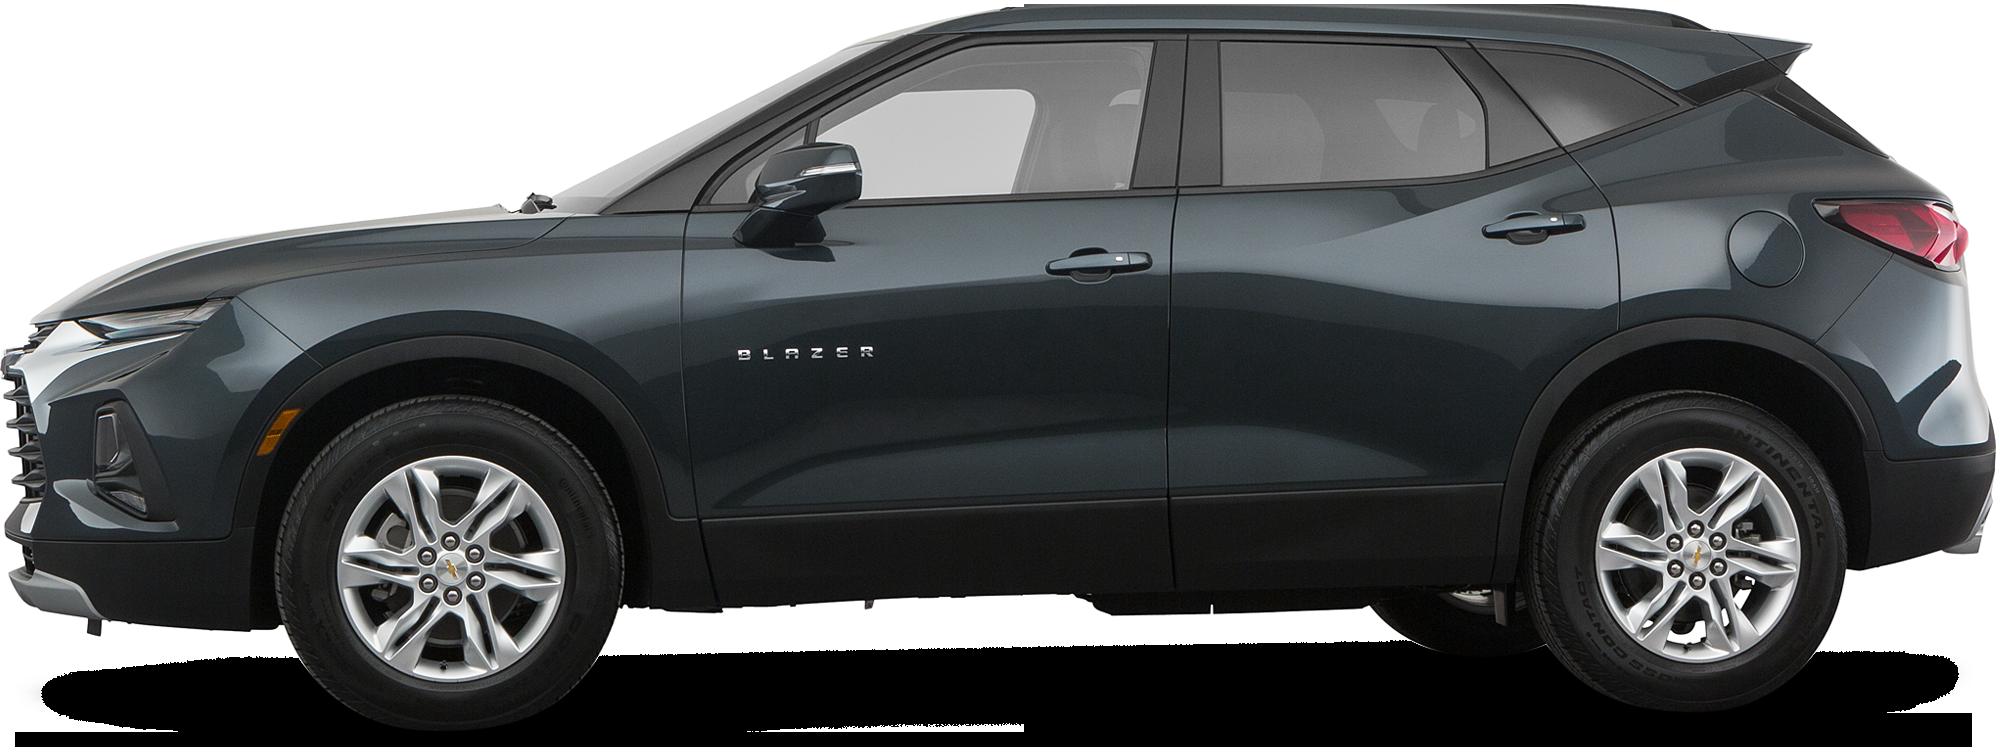 2021 Chevrolet Blazer SUV L